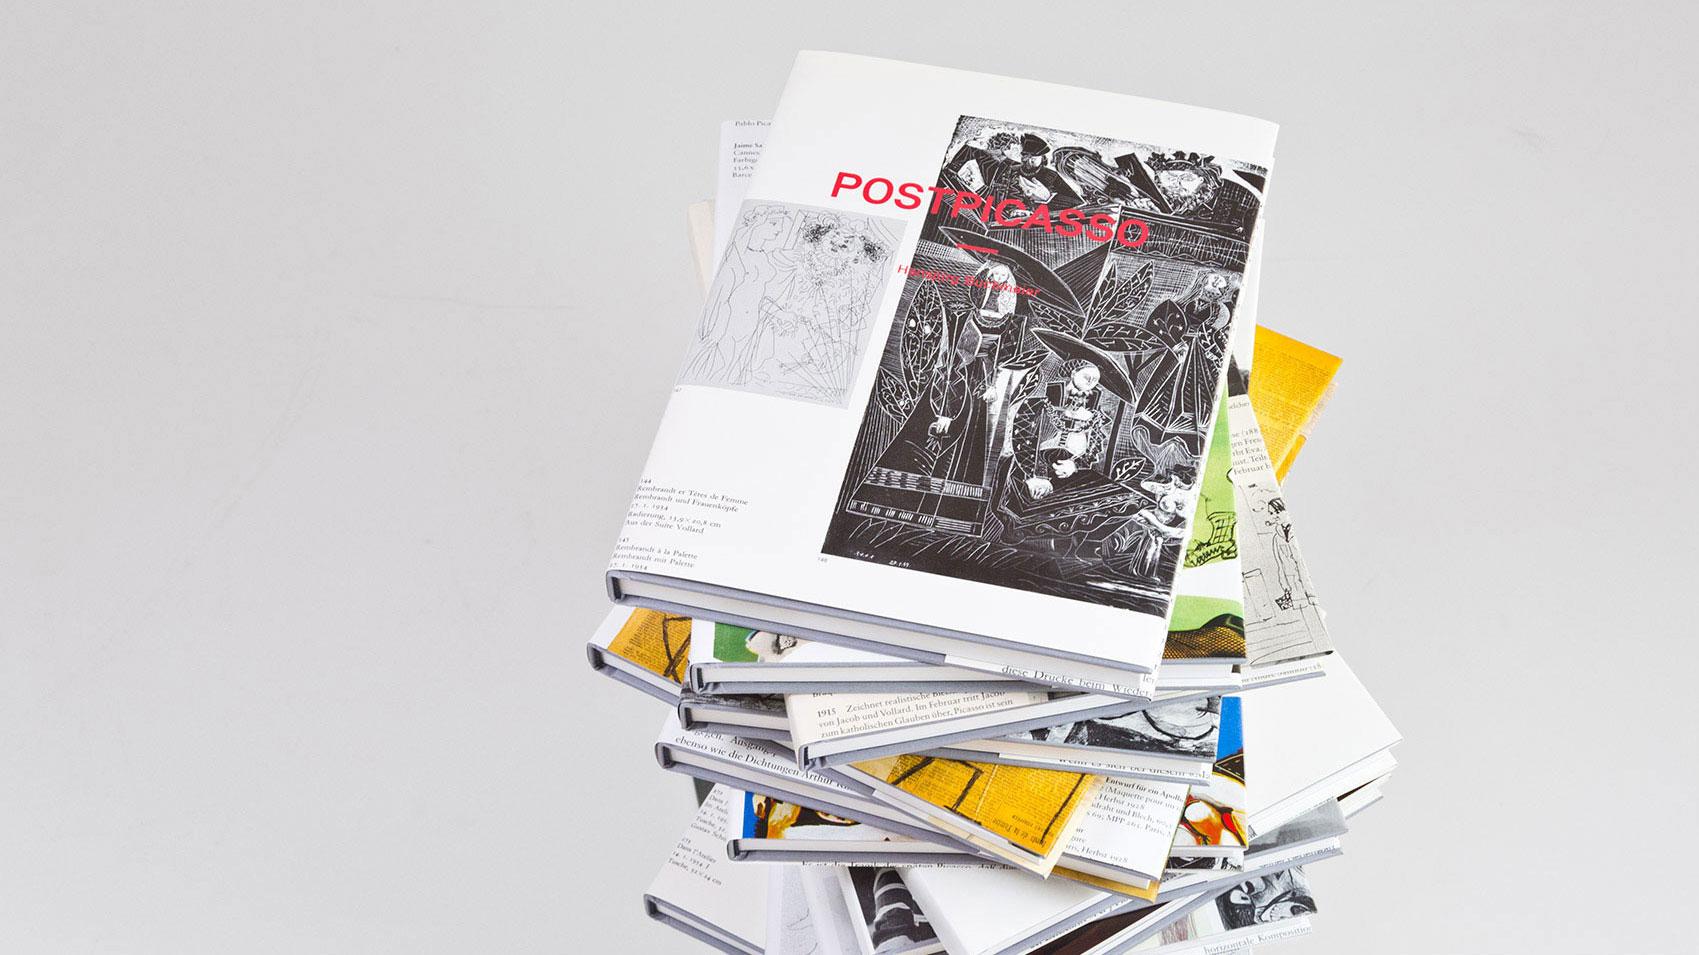 equipe visuelle edition typoundso verlag postpicasso hansjuerg buchmeier